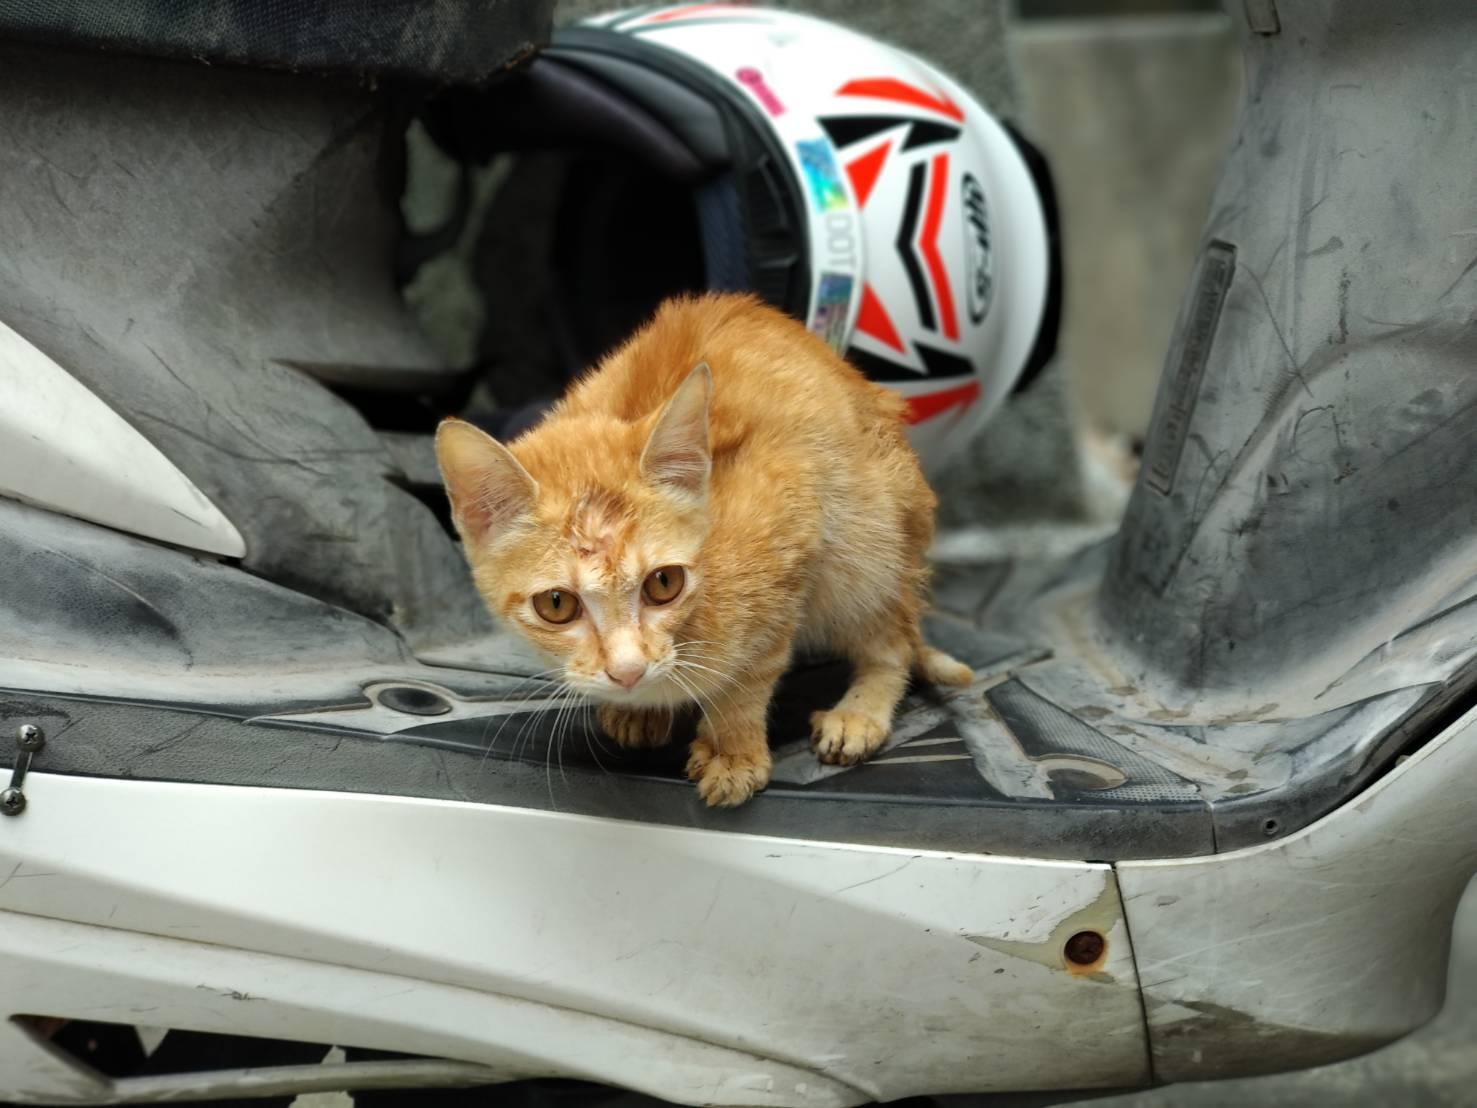 機車踏板上滿臉病容瘦骨嶙峋小橘貓虛弱鳴叫如摩斯密碼SOS般哀求援助。